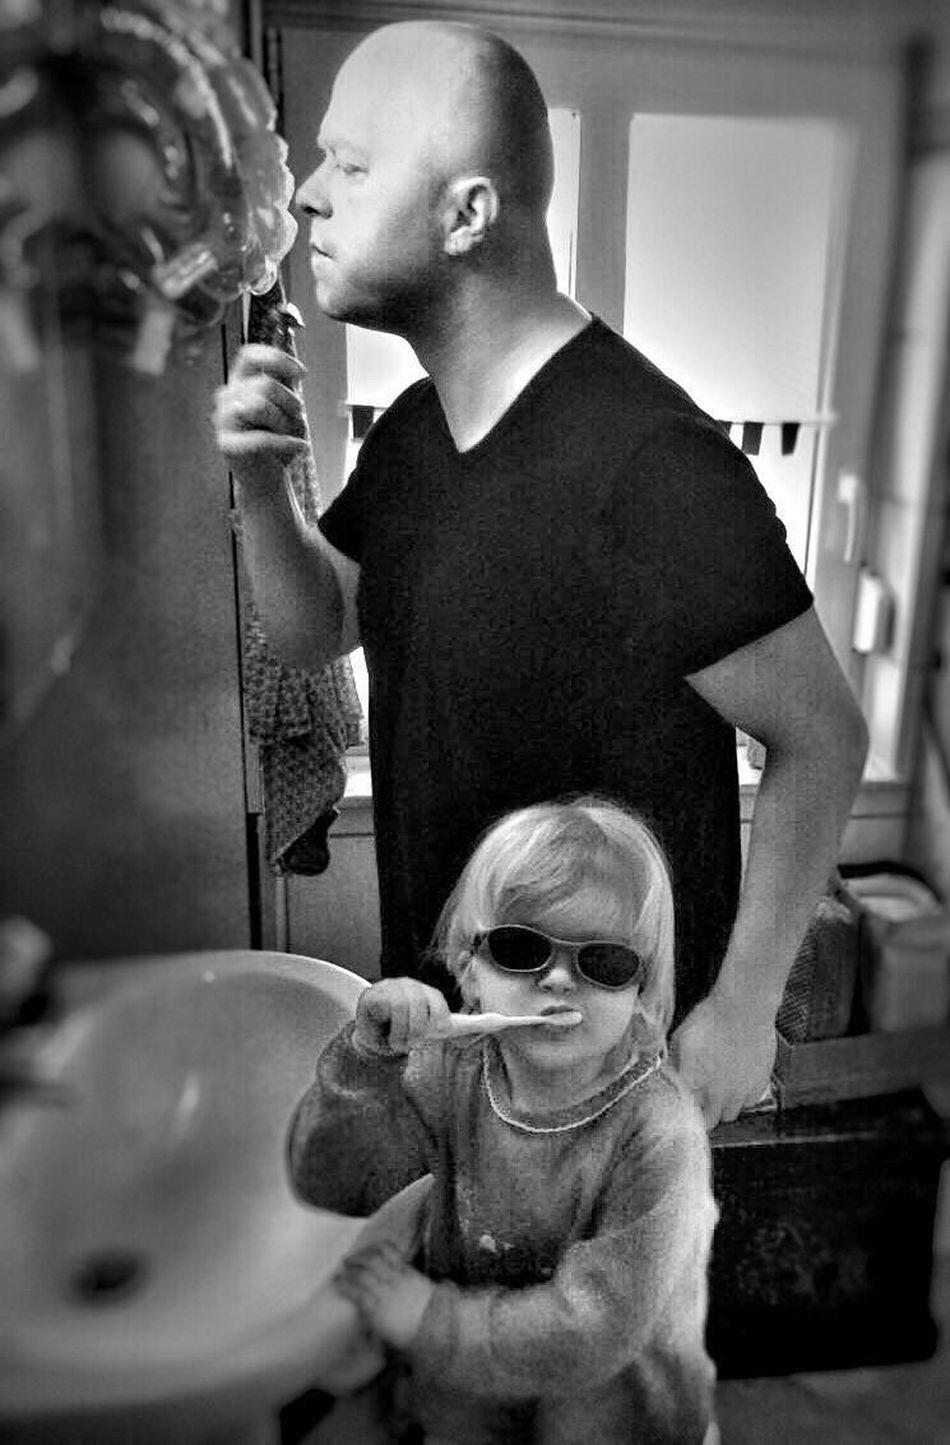 Vater Und Tochter Kinder Kids Children Funny Bathroom Zähneputzen Spaß Love Parents Kids Being Kids Children Photography The Portraitist - 2016 EyeEm Awards Fresh On Eyeem  Hello World